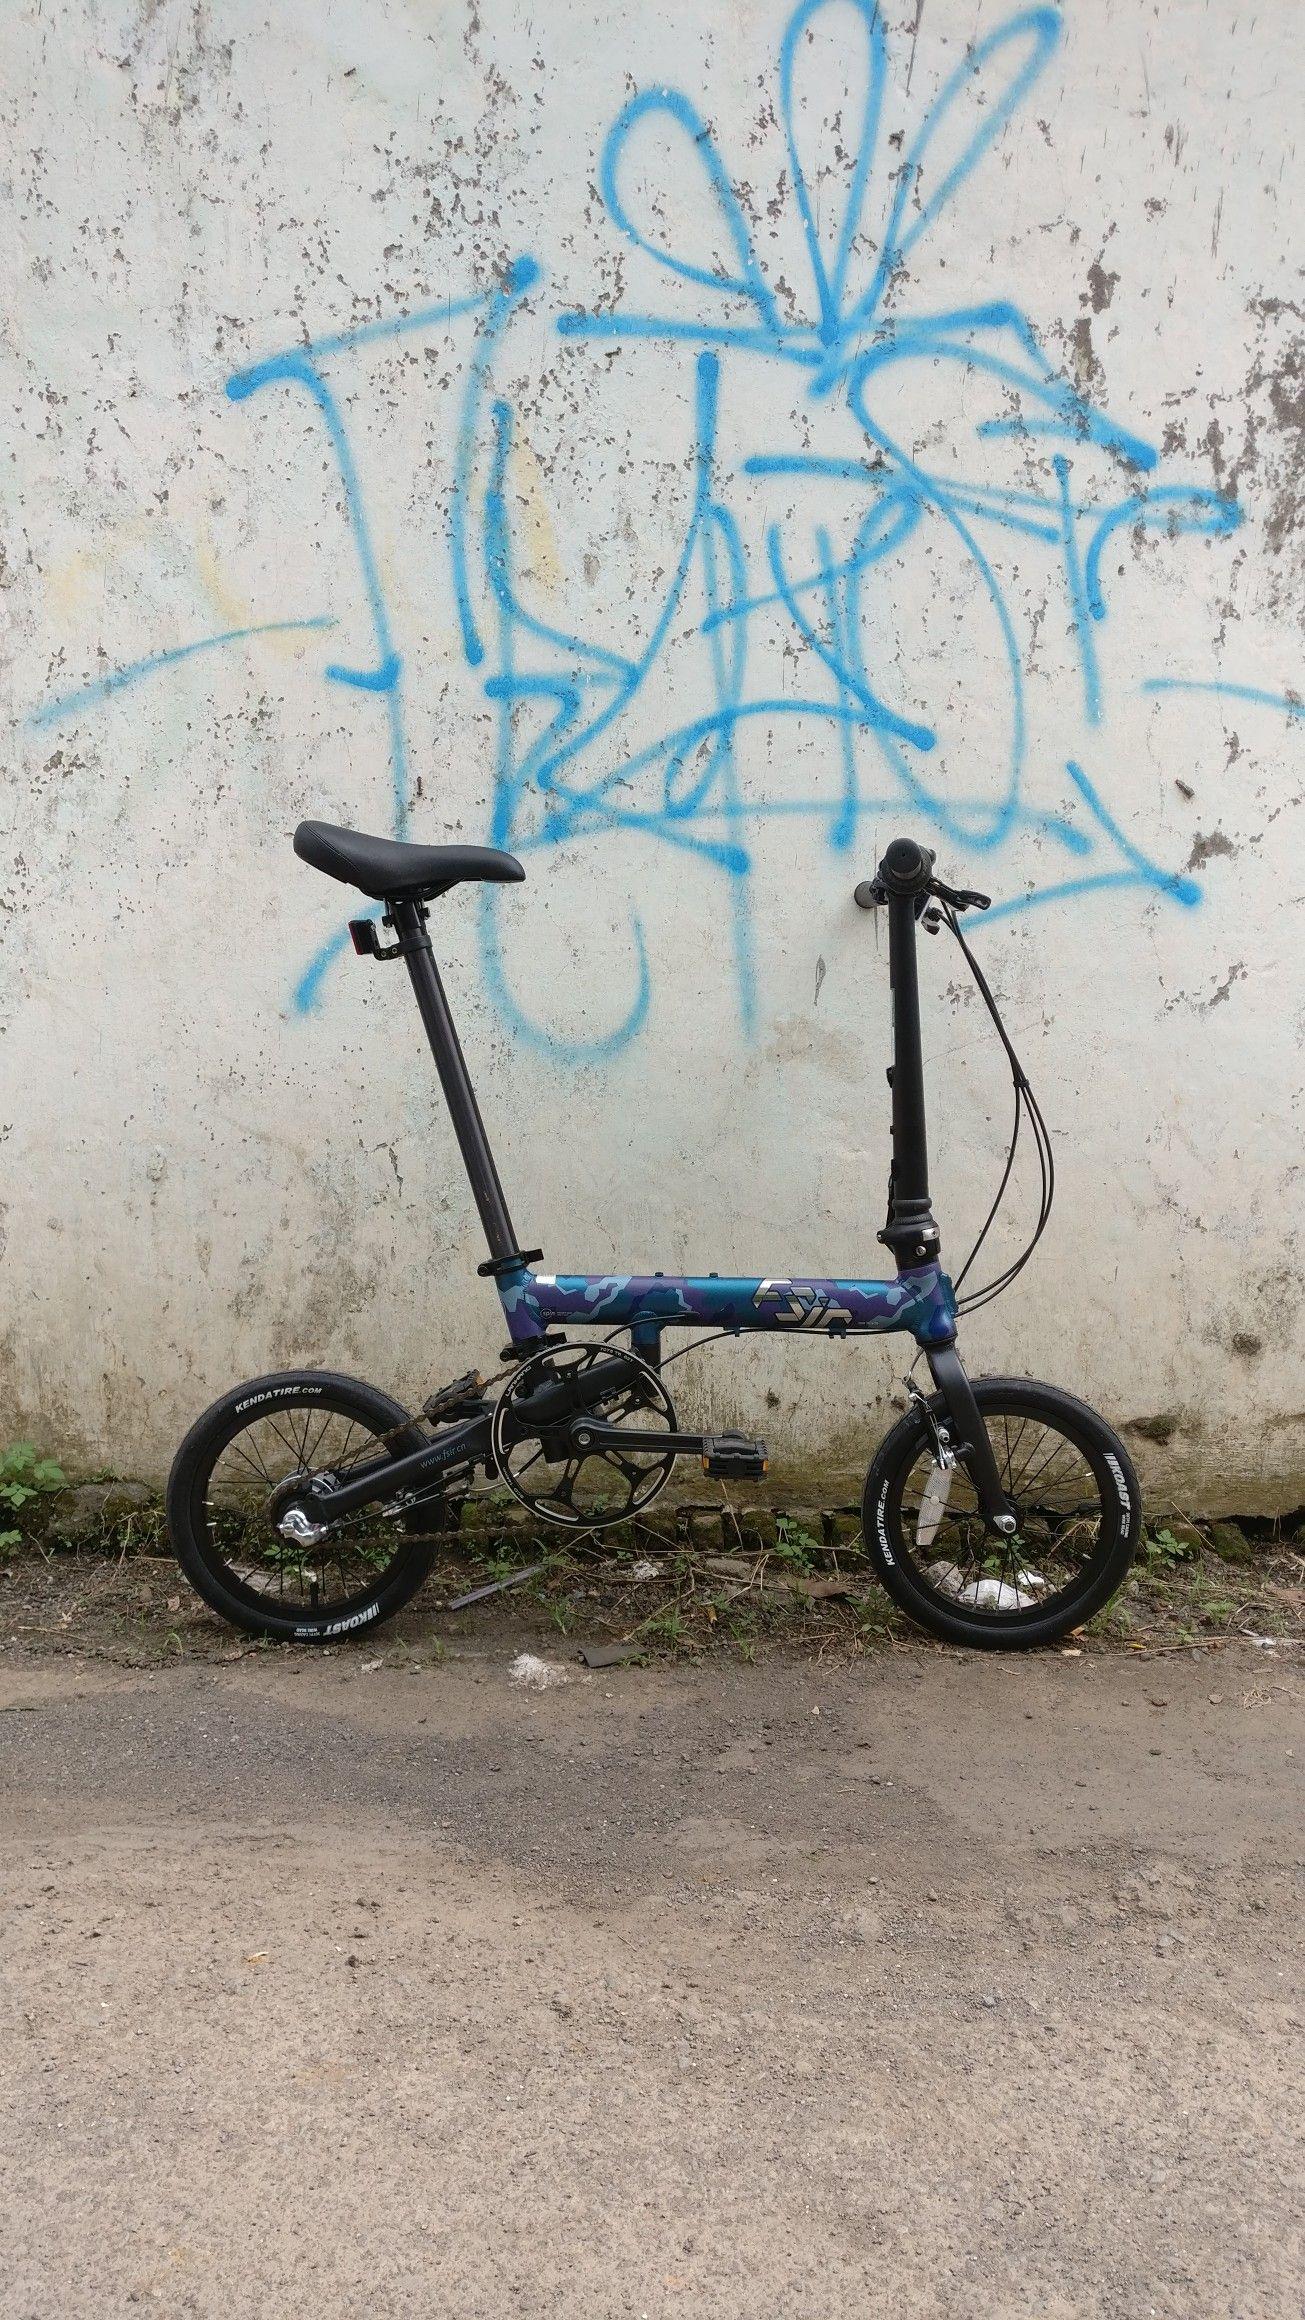 Fsir Spin 2 0 Folding Bike 14 Inch Wheels 3 Speed Internal Gear